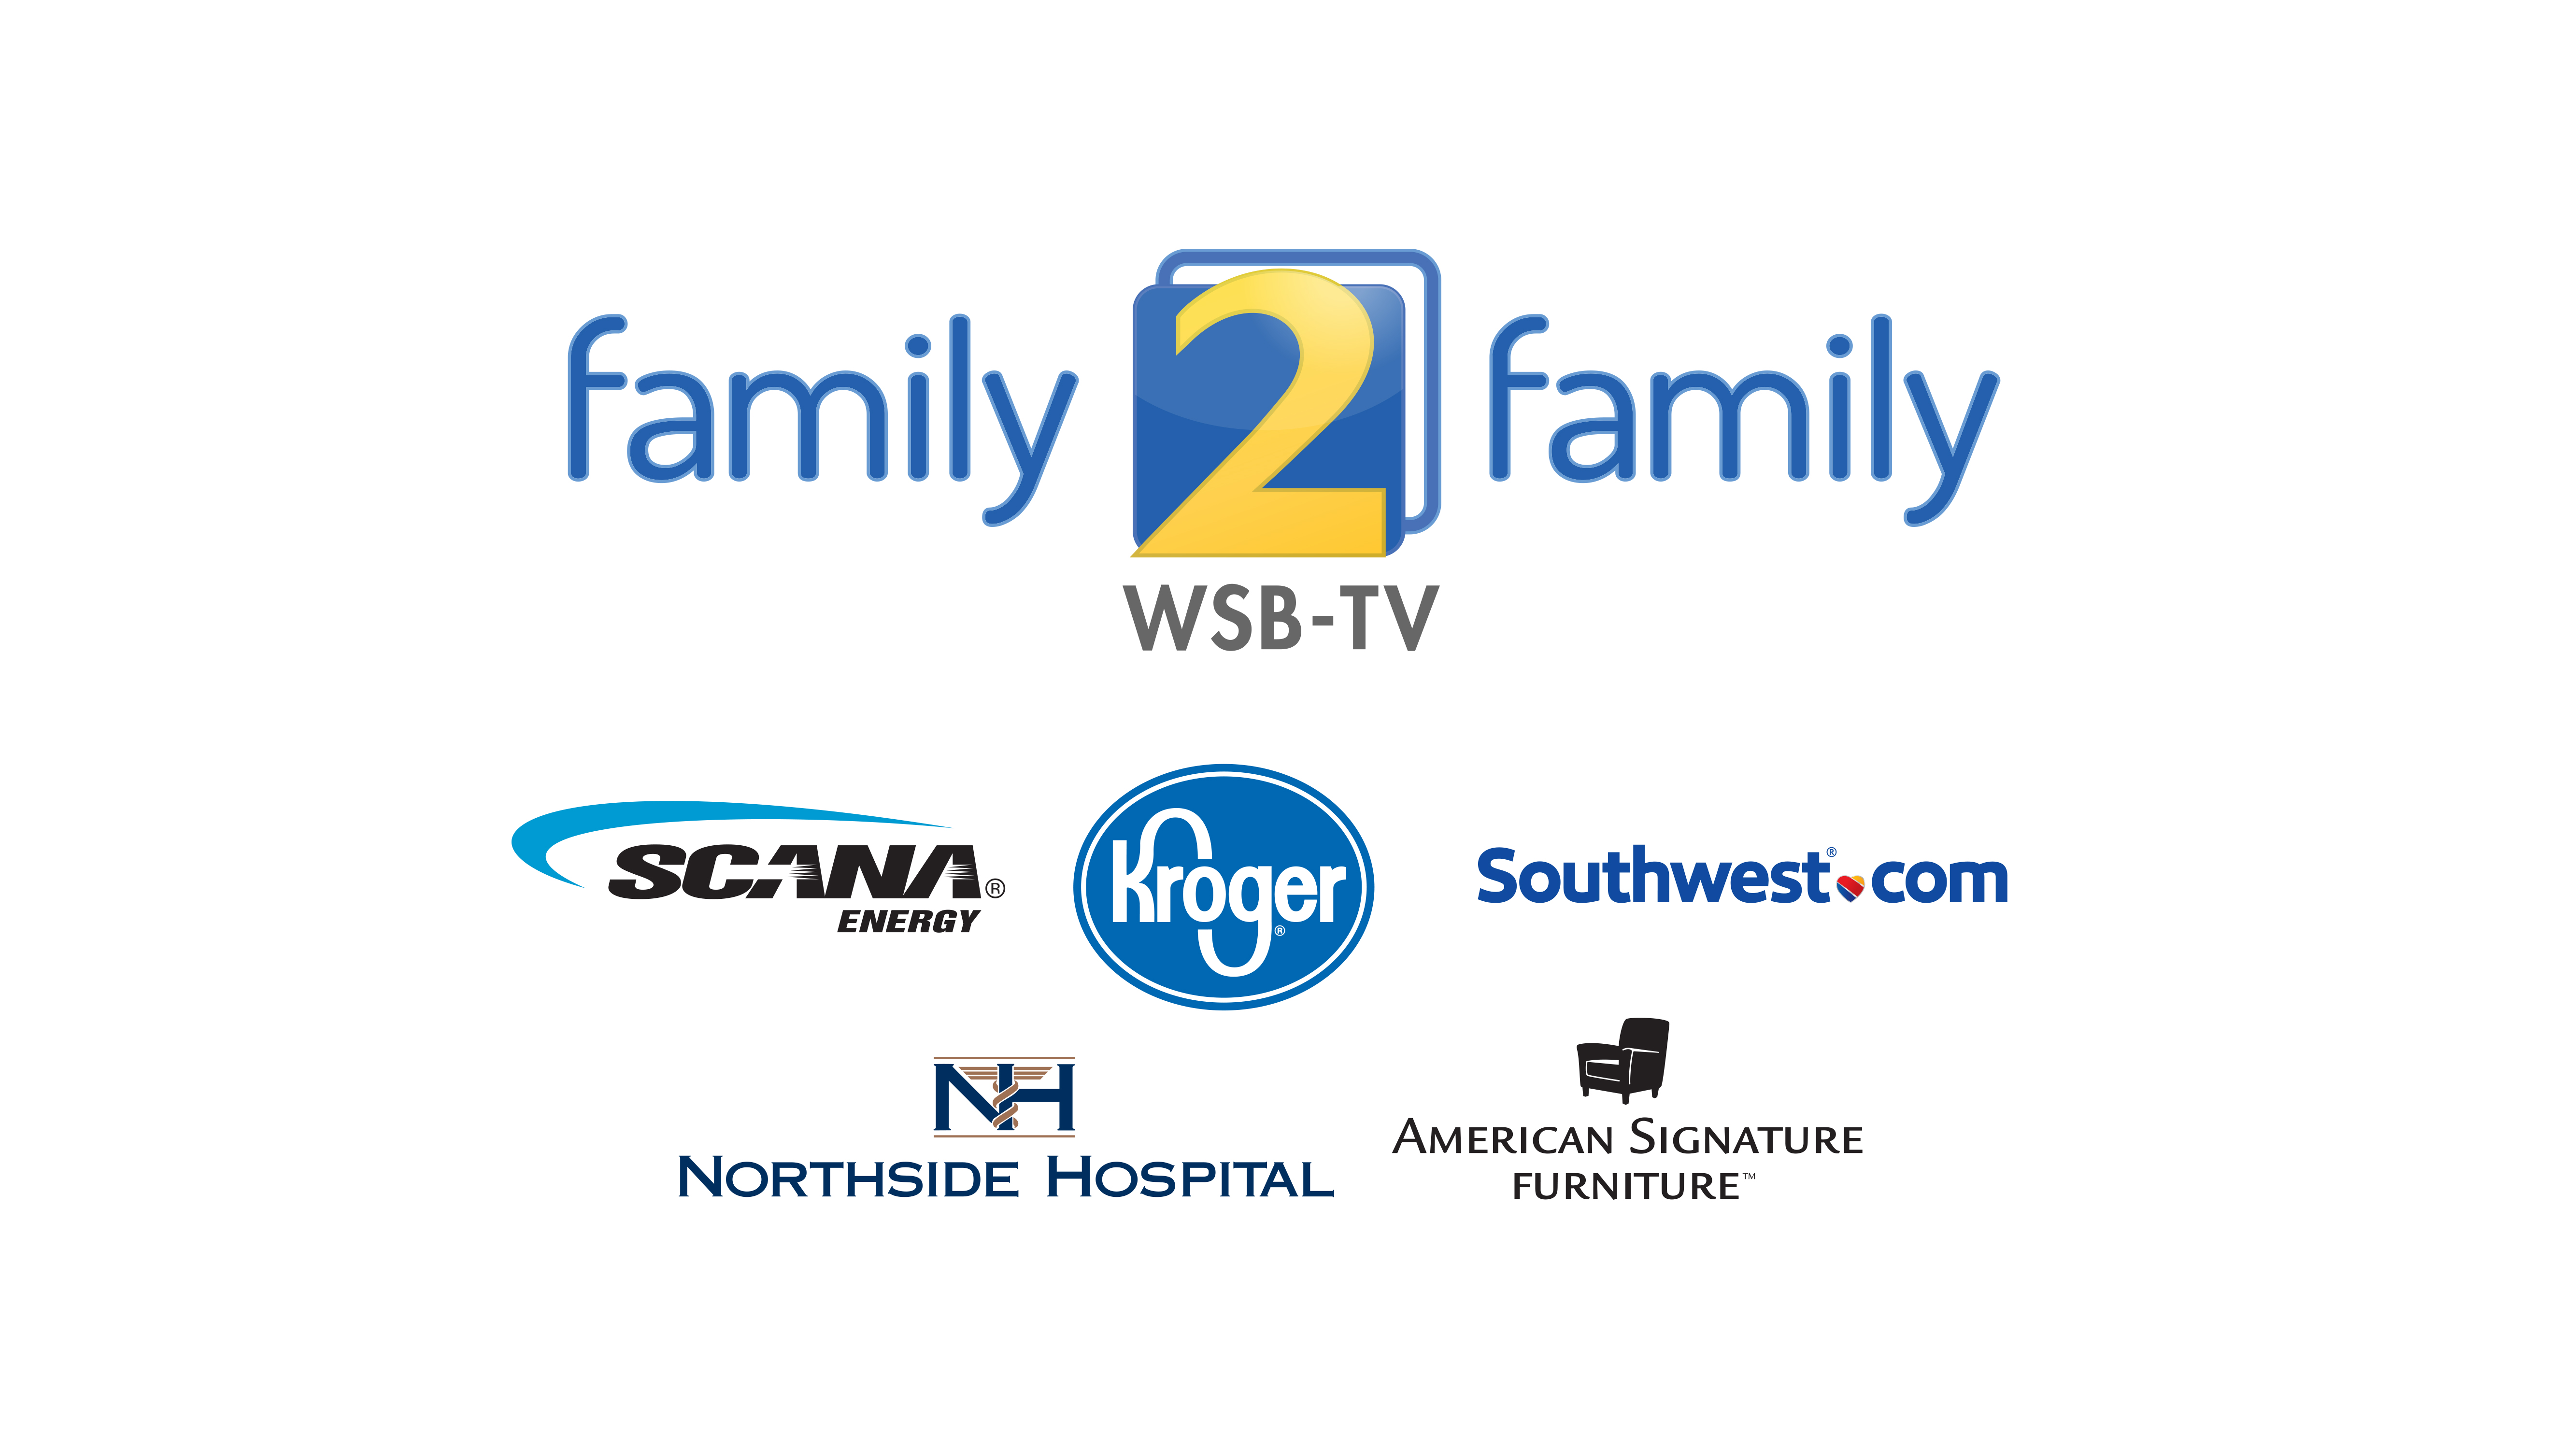 WSB Family 2 Family